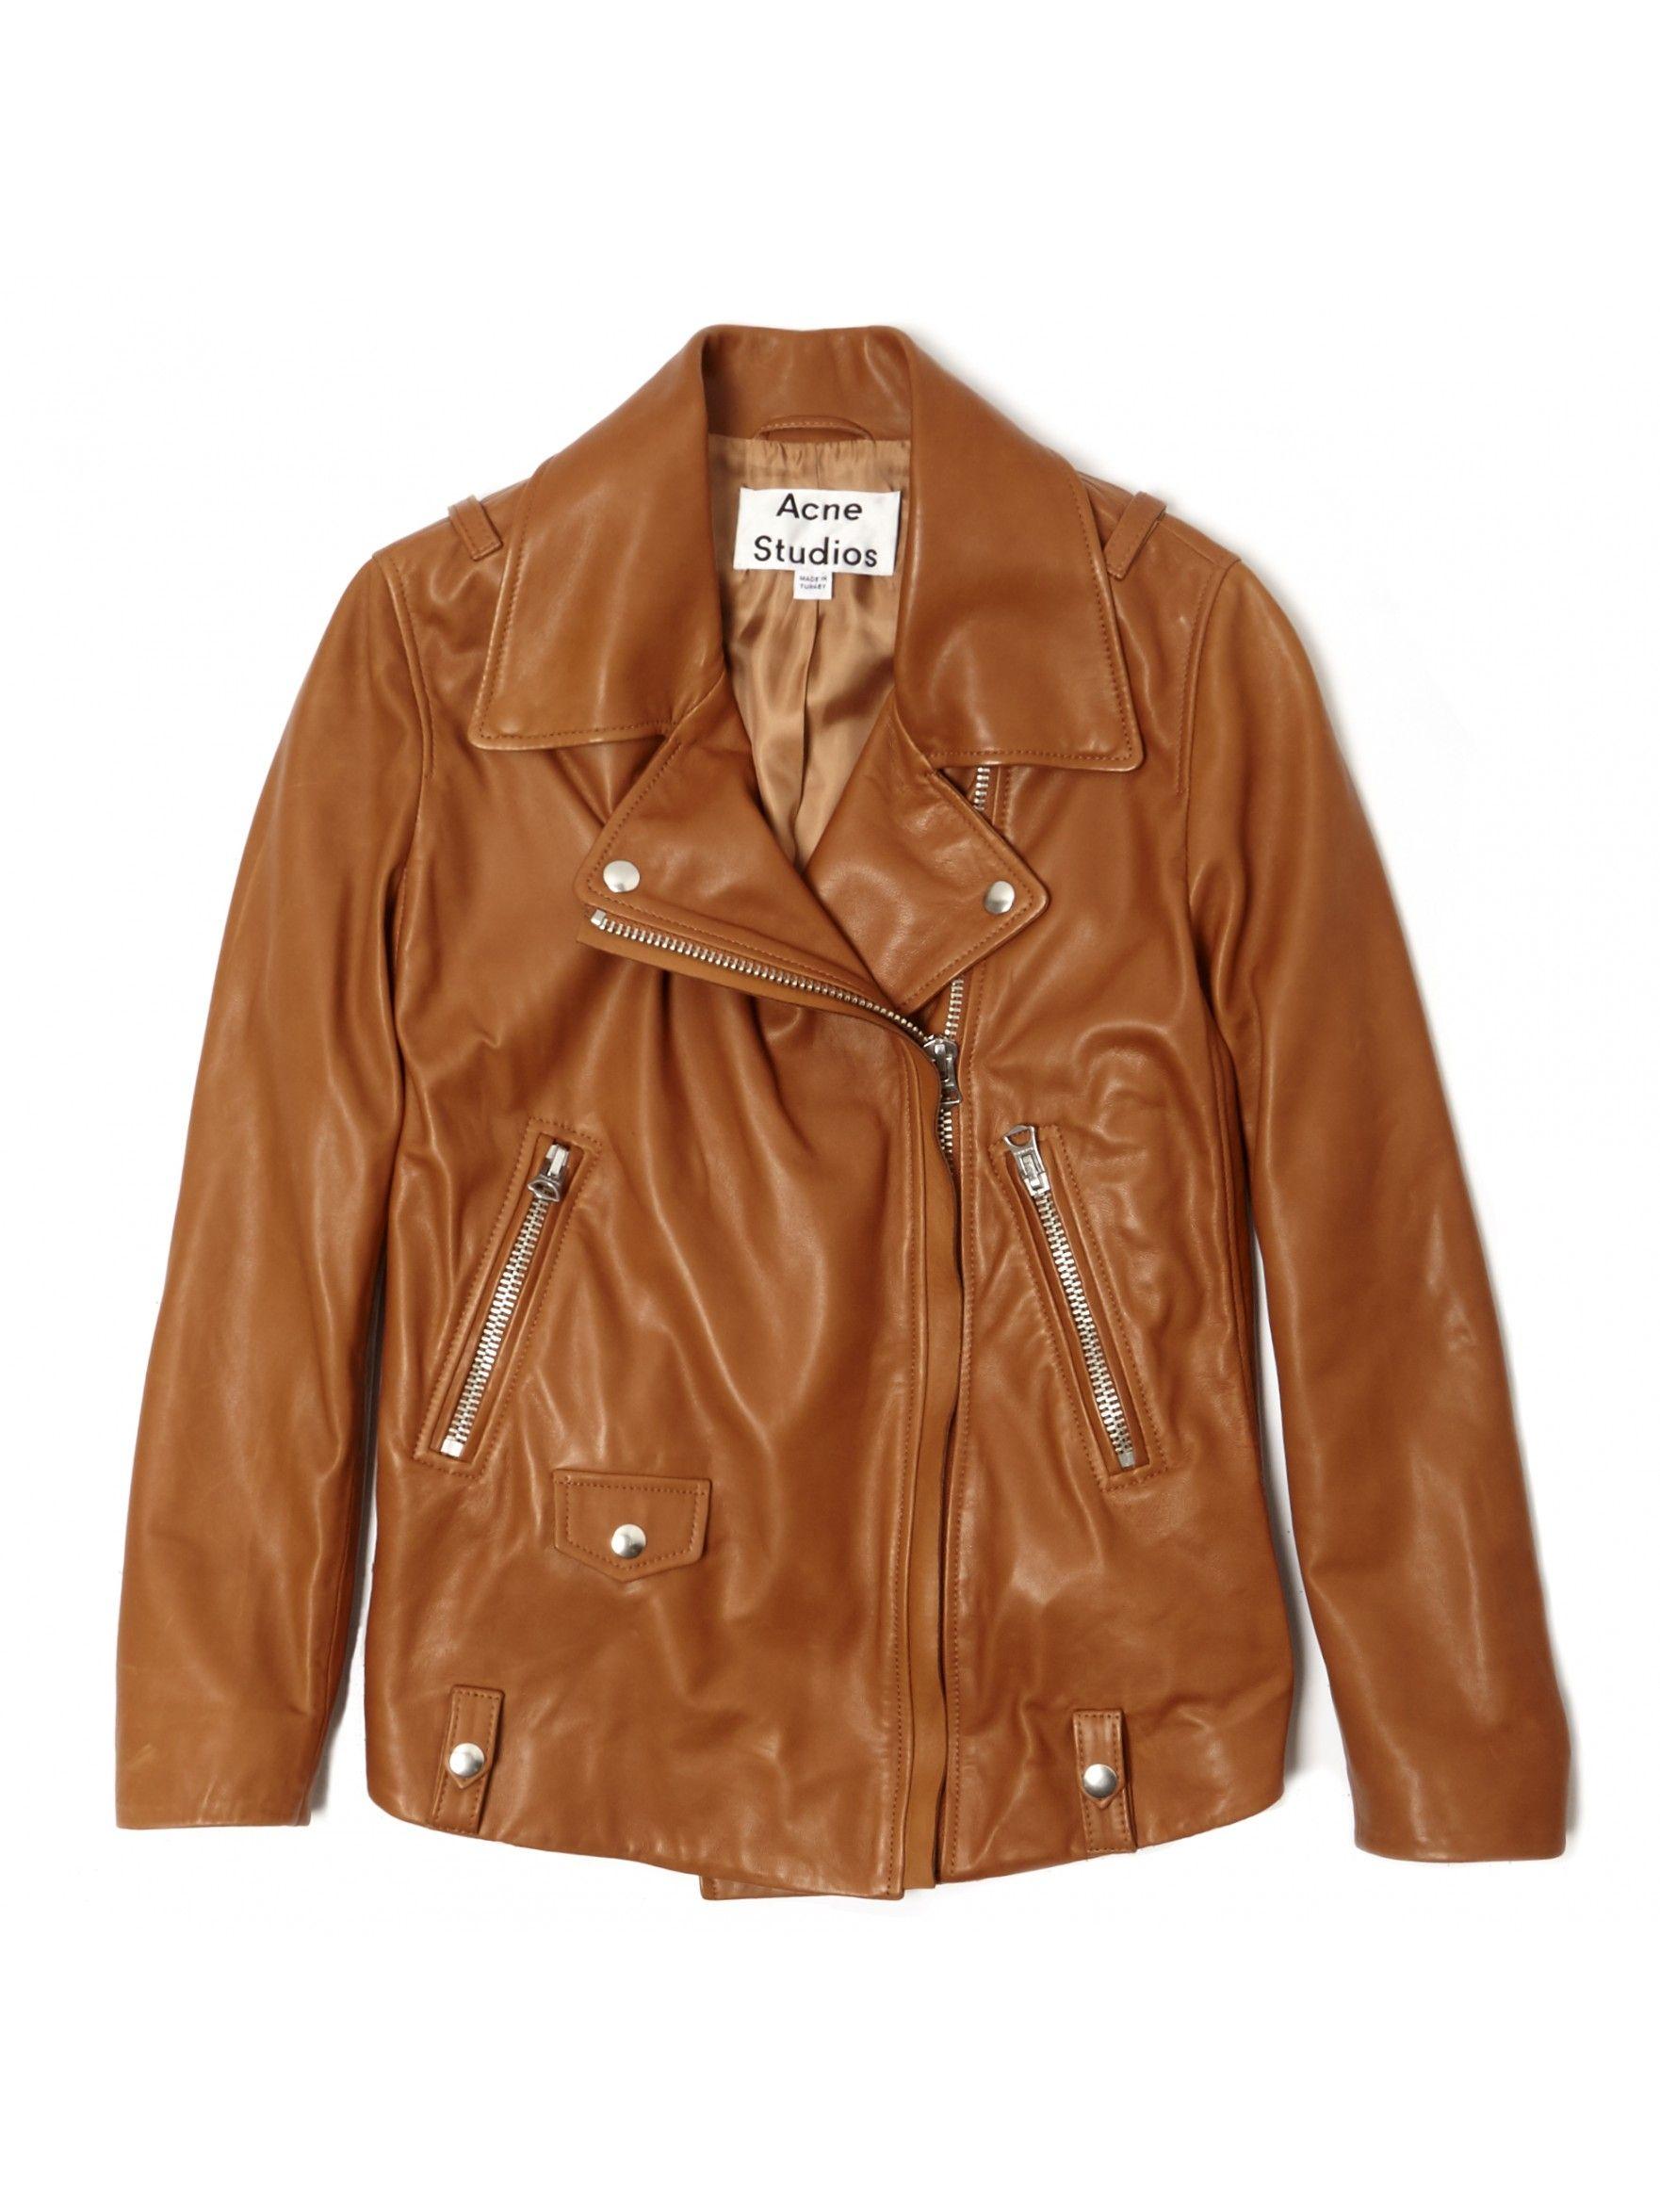 Acne studios Swift Moto Jacket in Brown Lyst Jackets